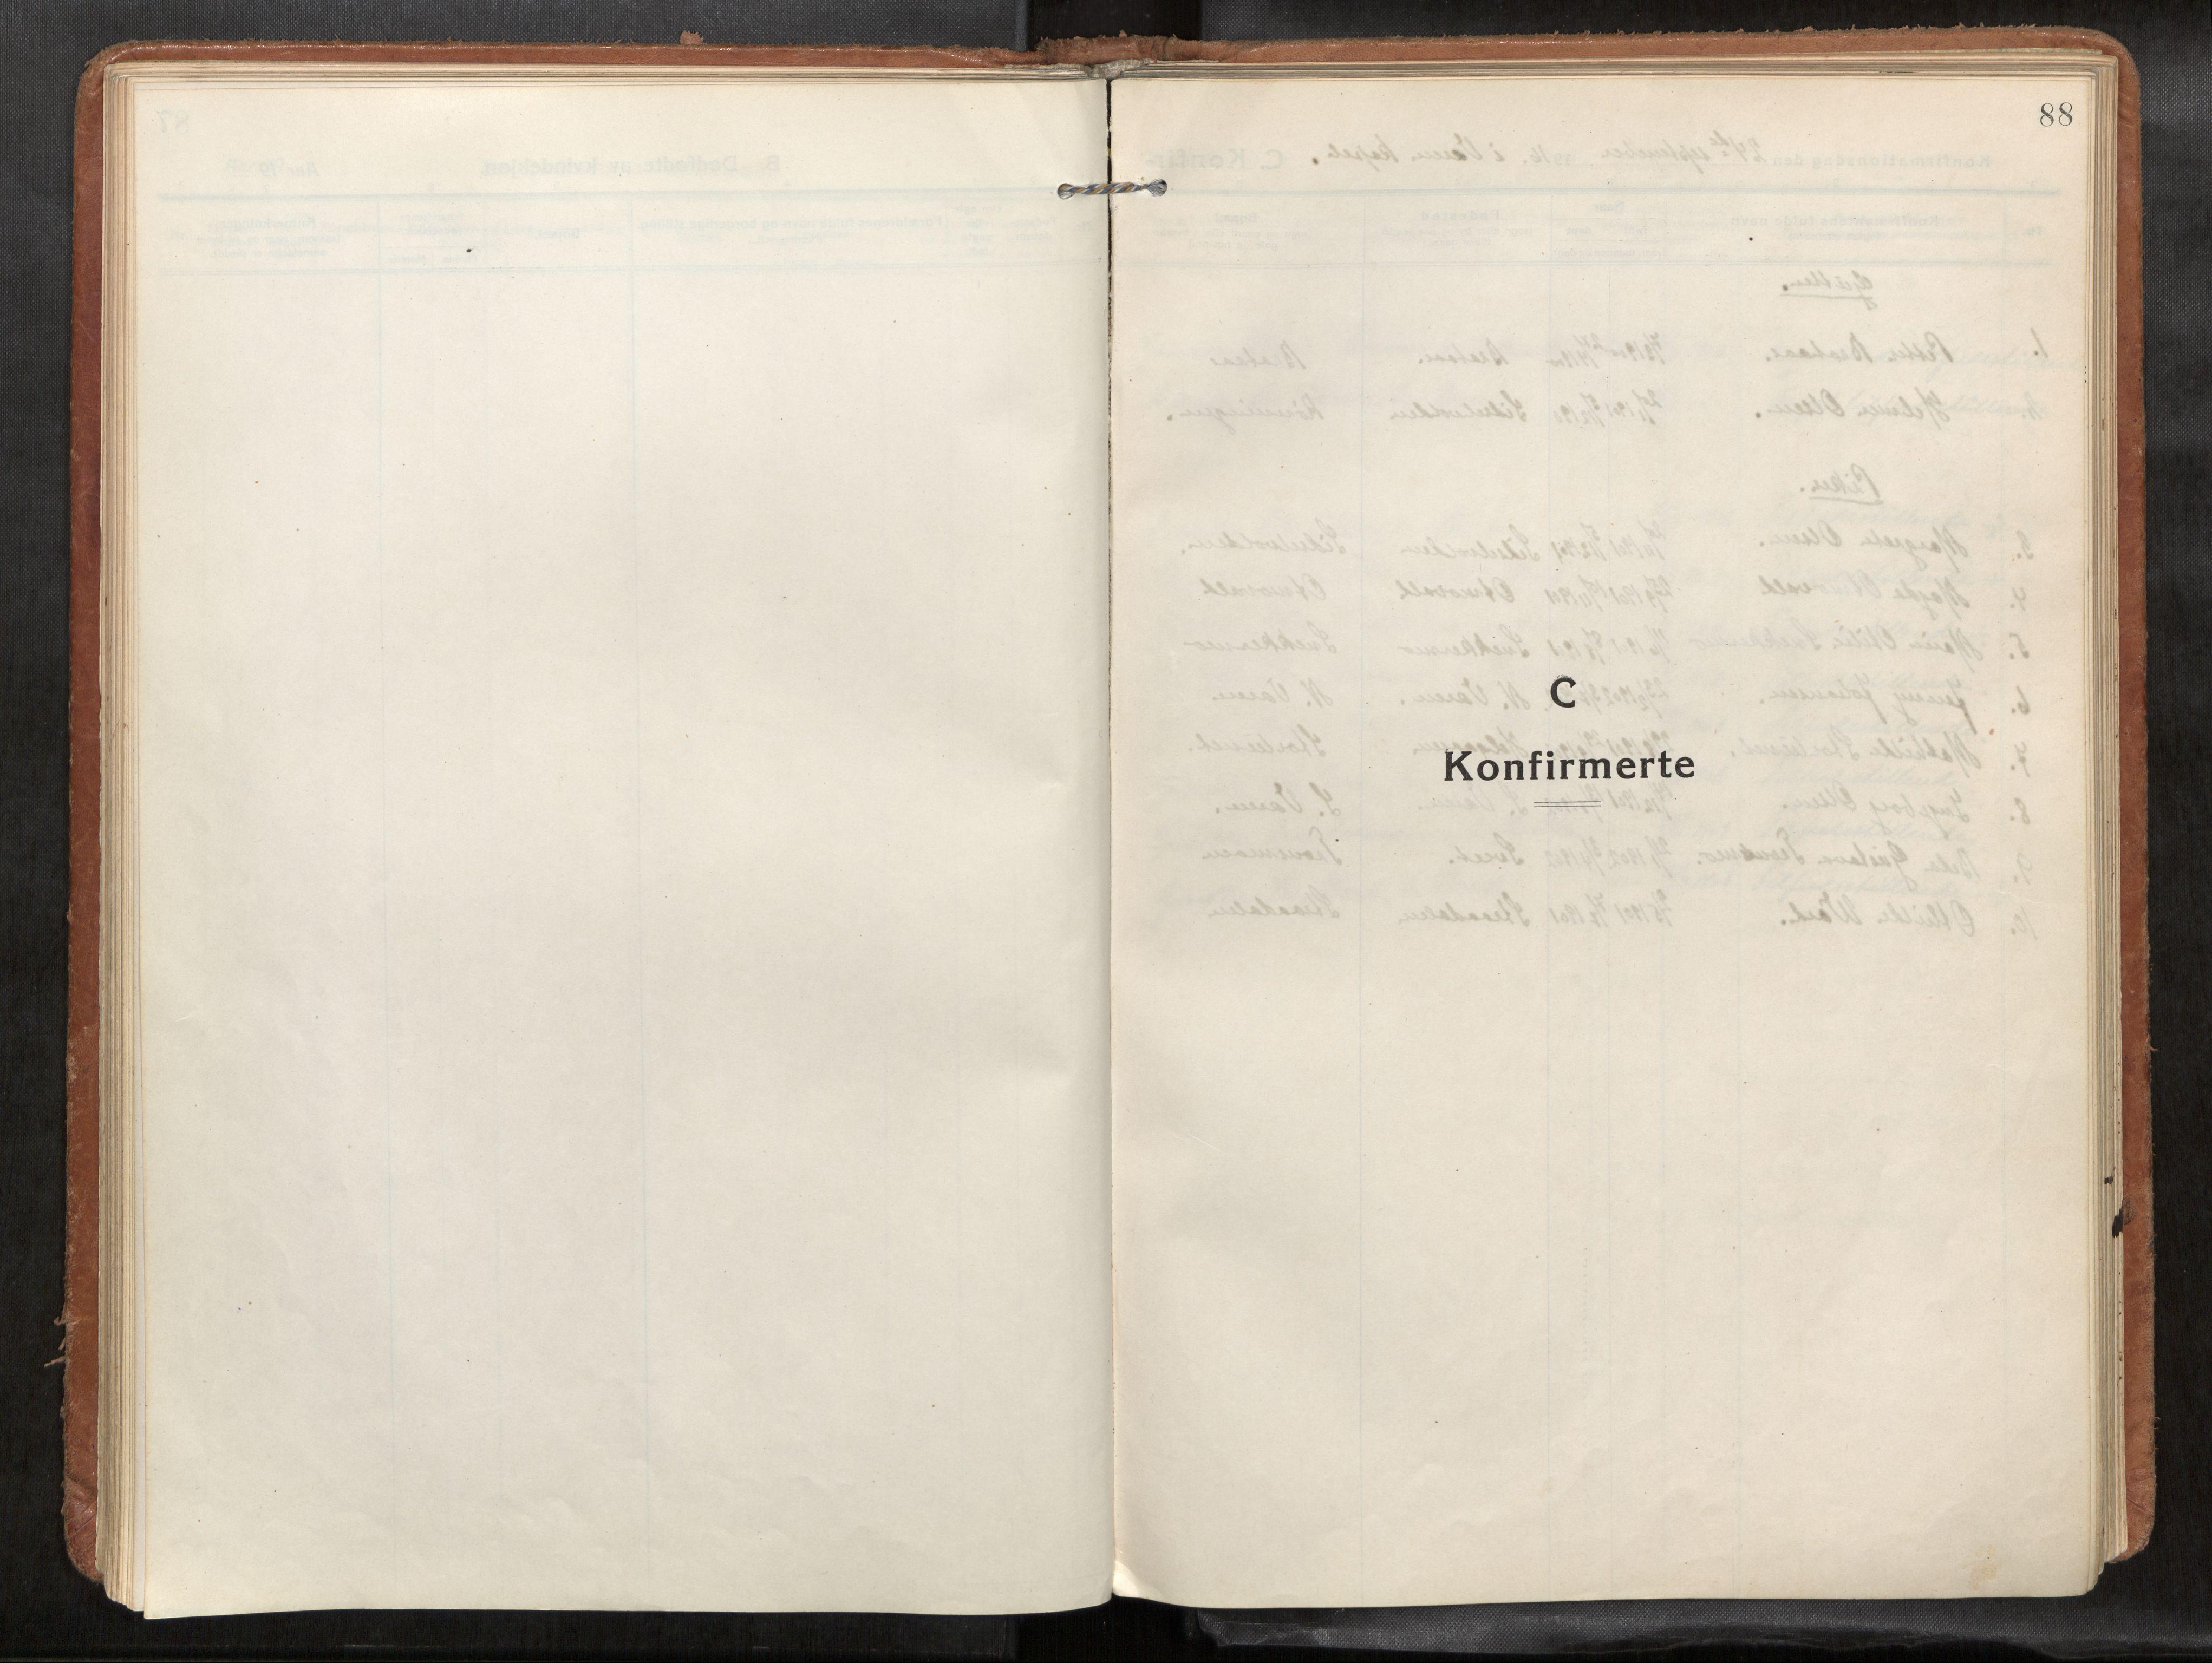 SAT, Verdal sokneprestkontor*, Parish register (official) no. 1, 1916-1928, p. 88